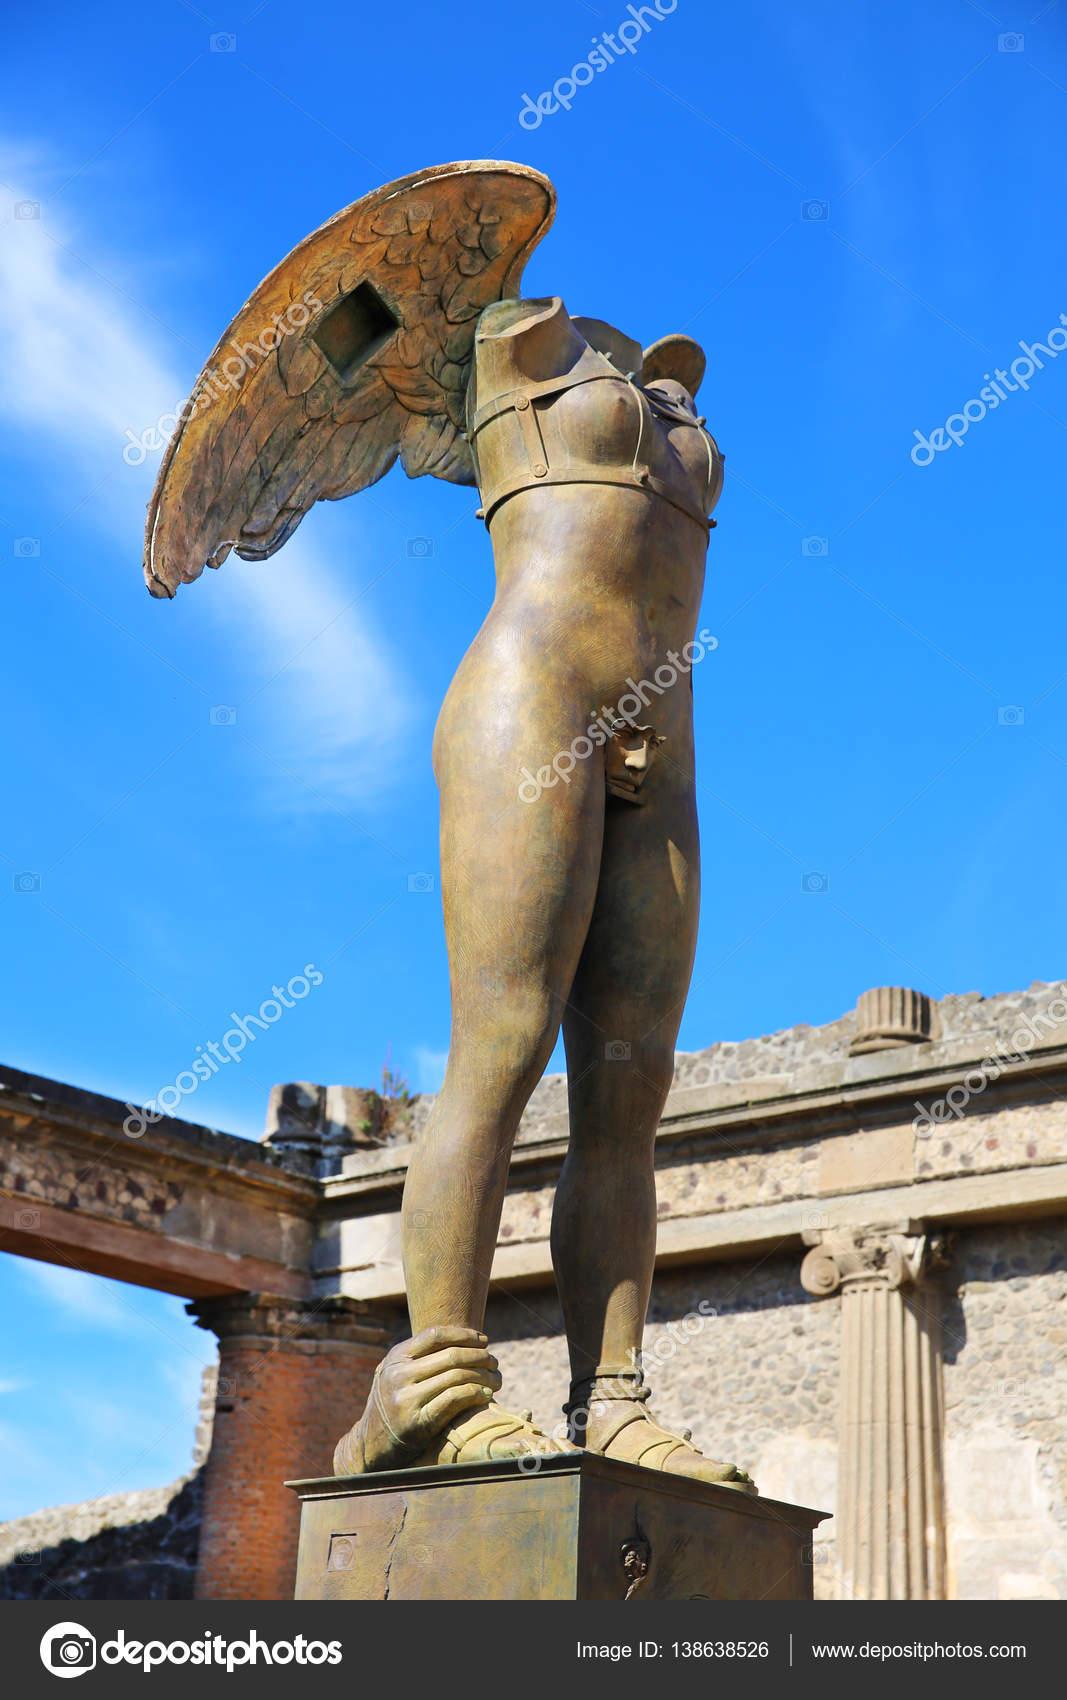 イタリアのポンペイの古代町の現代彫刻のアートワーク - ストック編集 ...